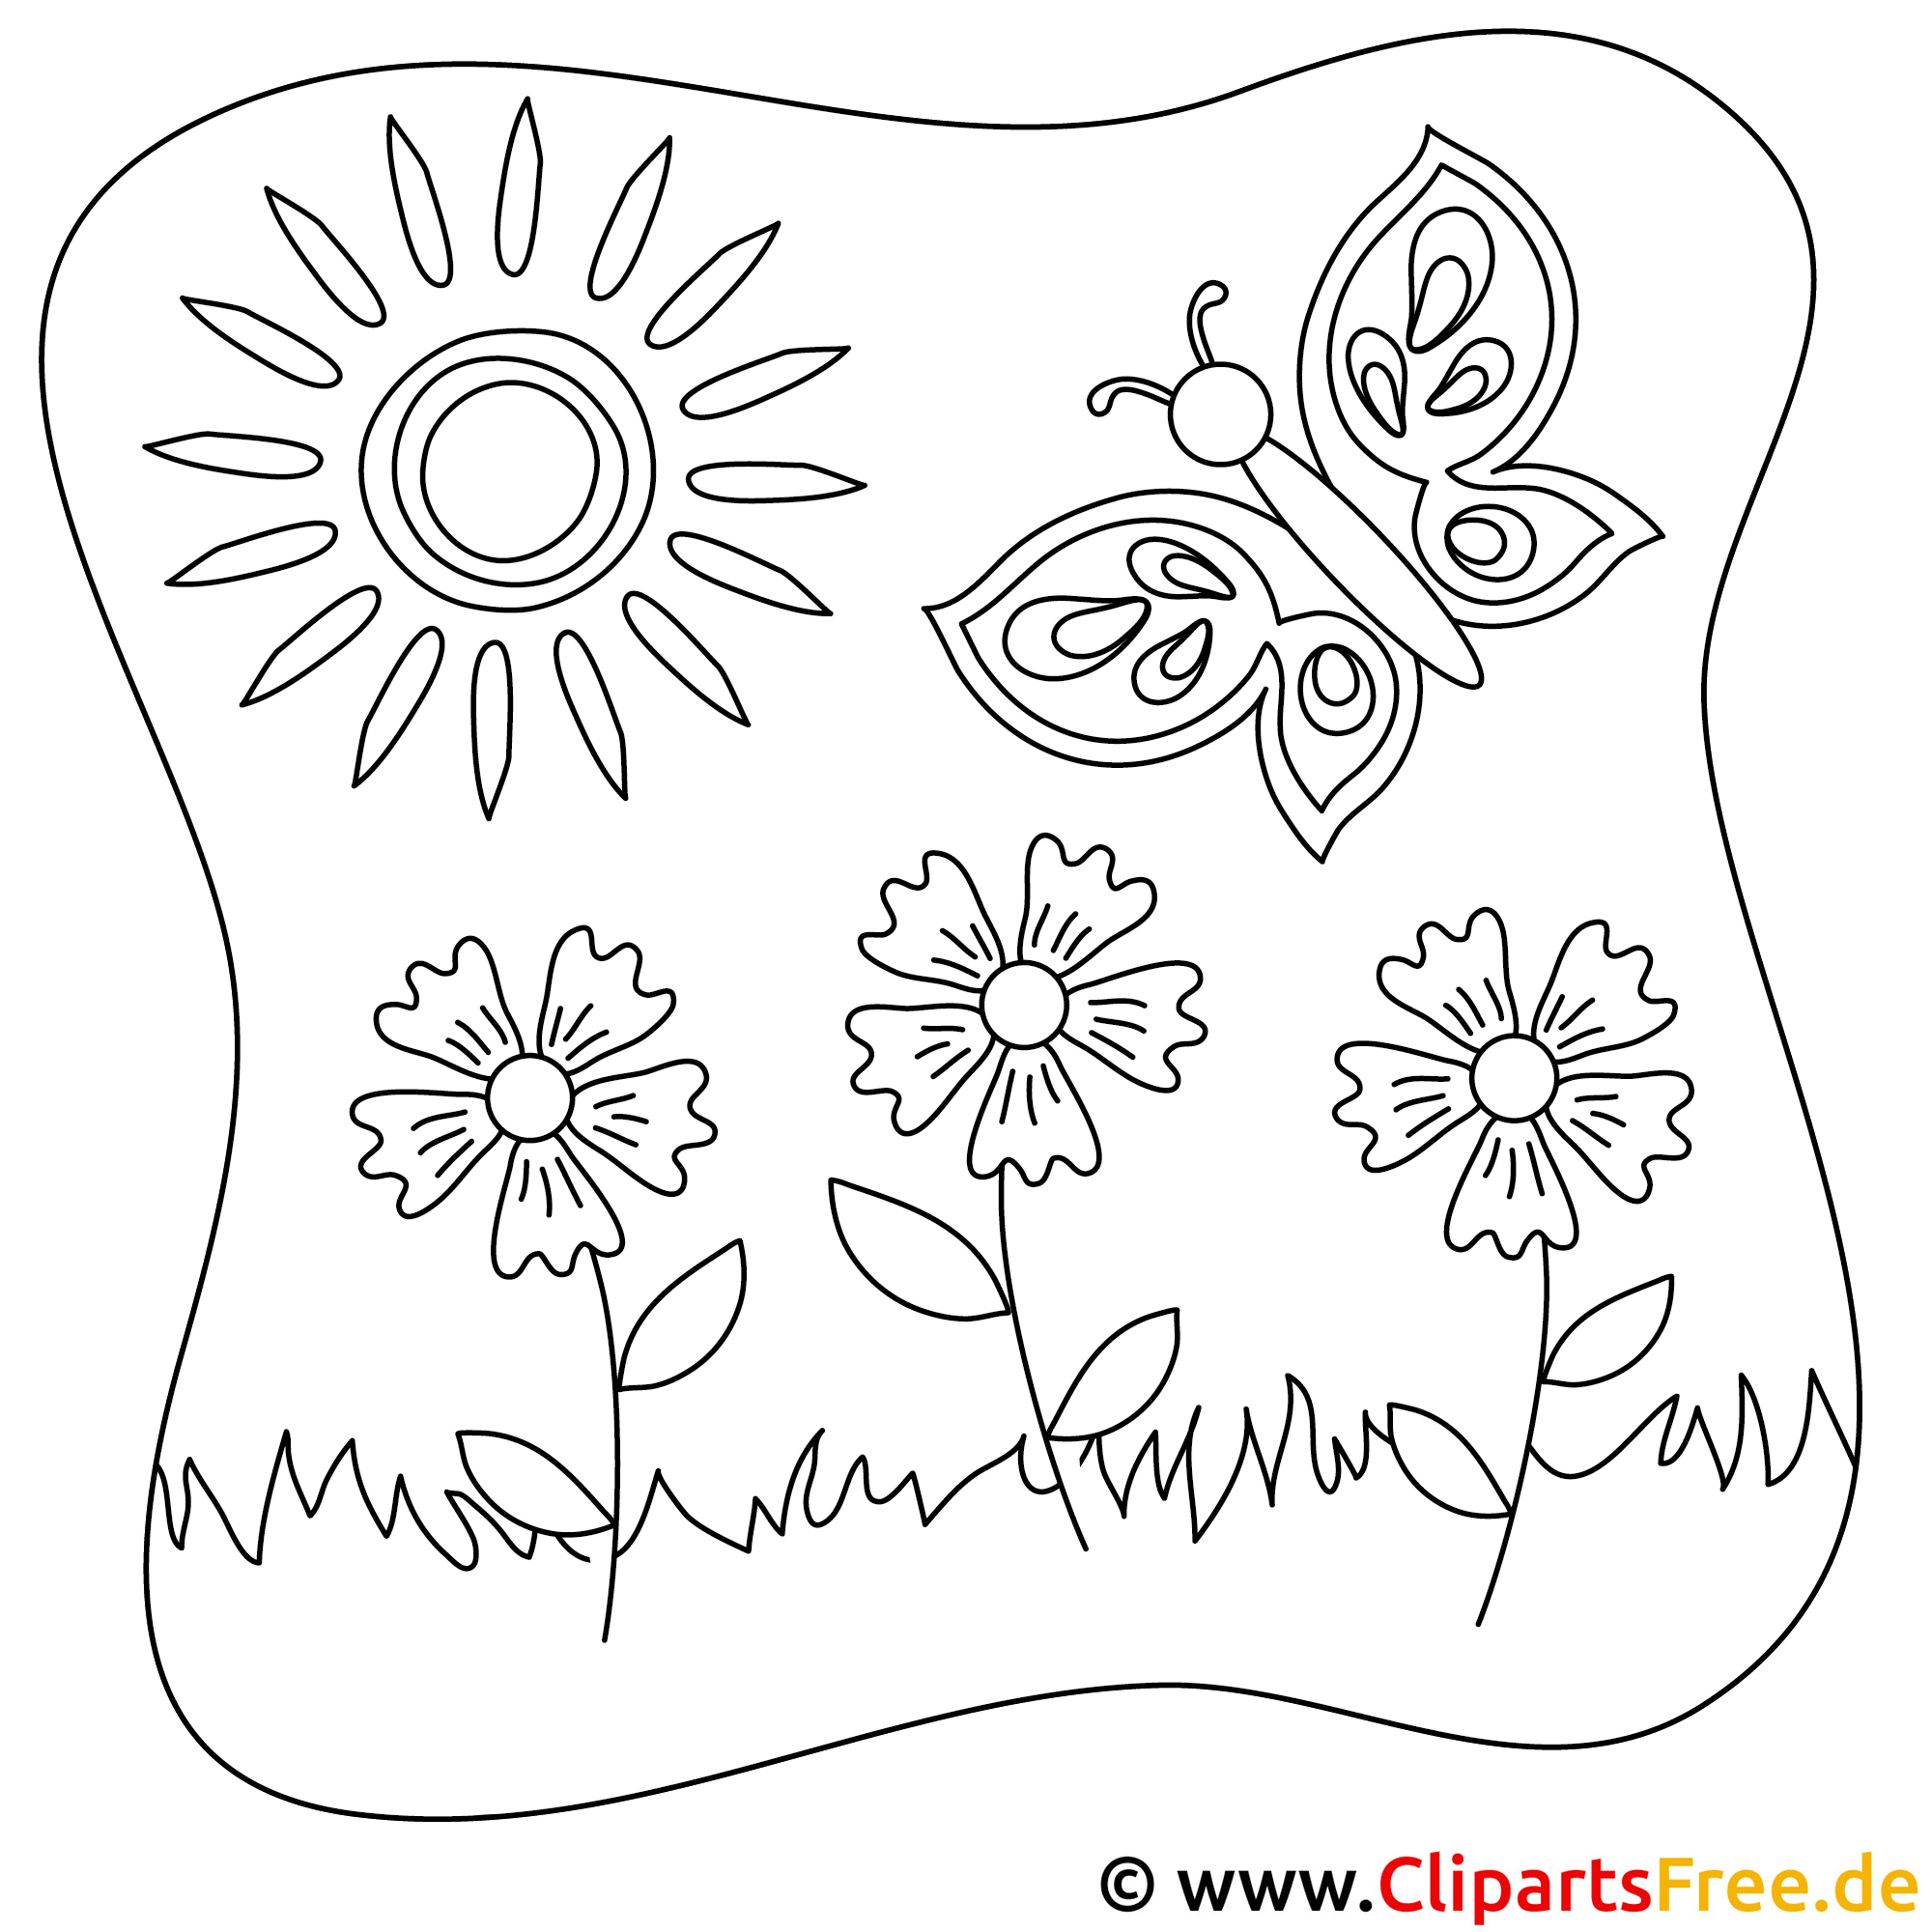 Malvorlagen Mandala Sommer My Blog